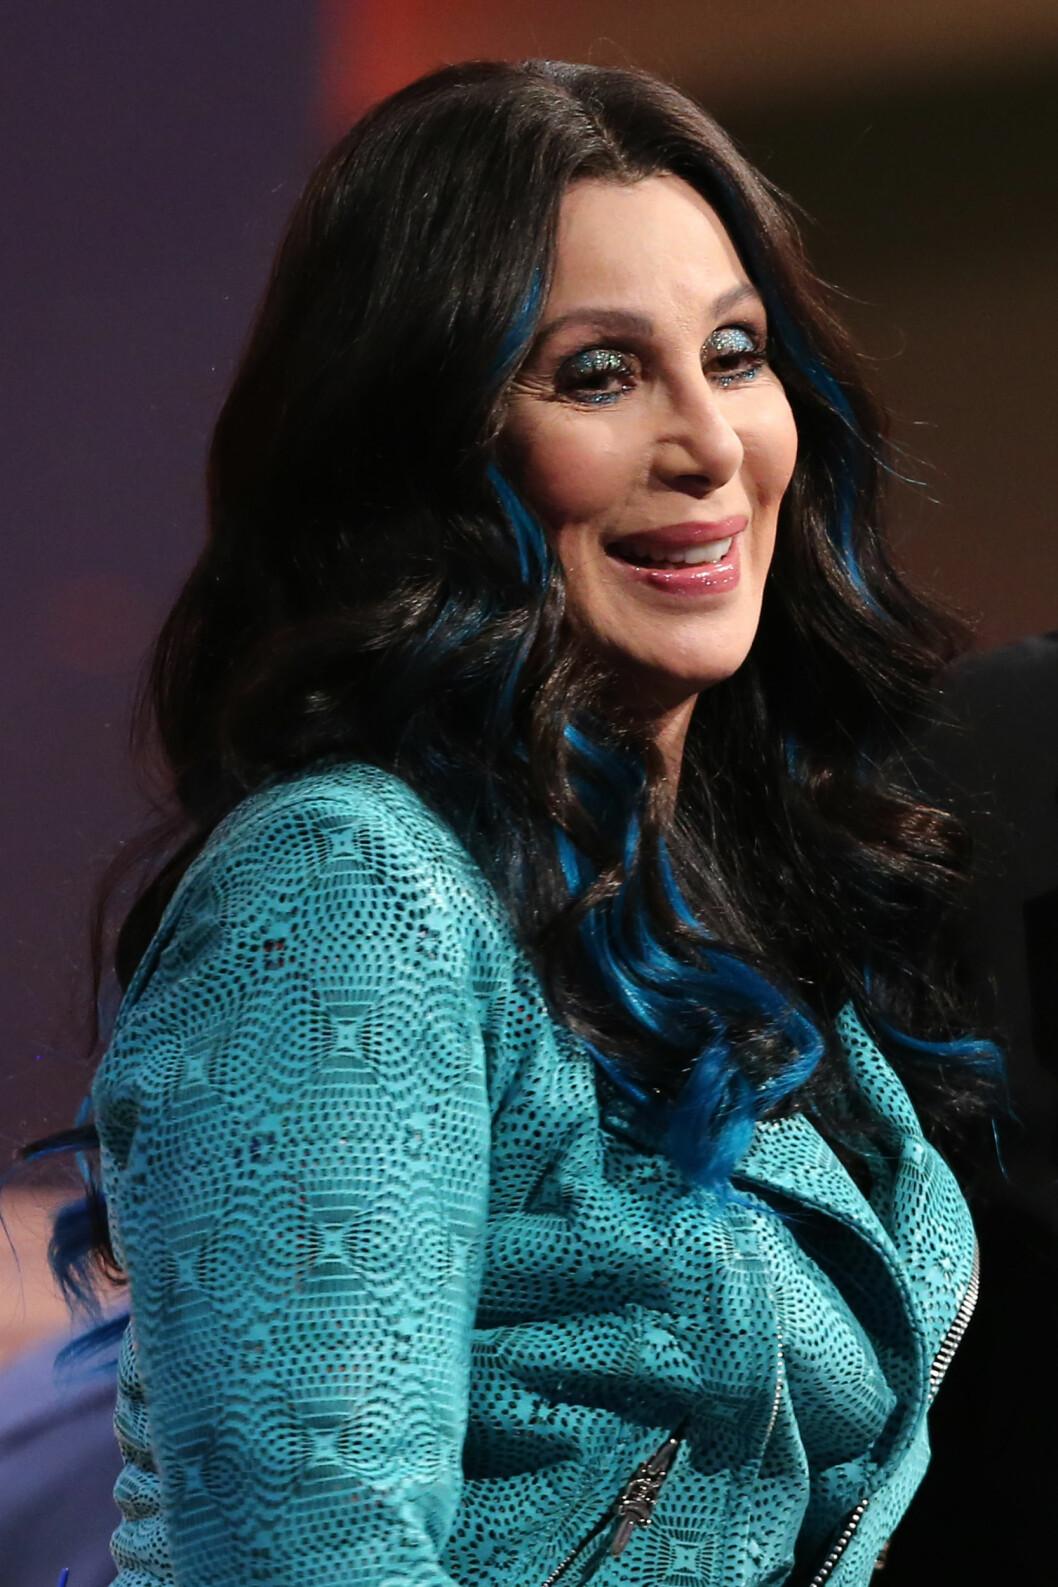 Cher i 2013. Sangdronningen har også vært åpen om inngrepene sine. Foto: action press/All Over Press